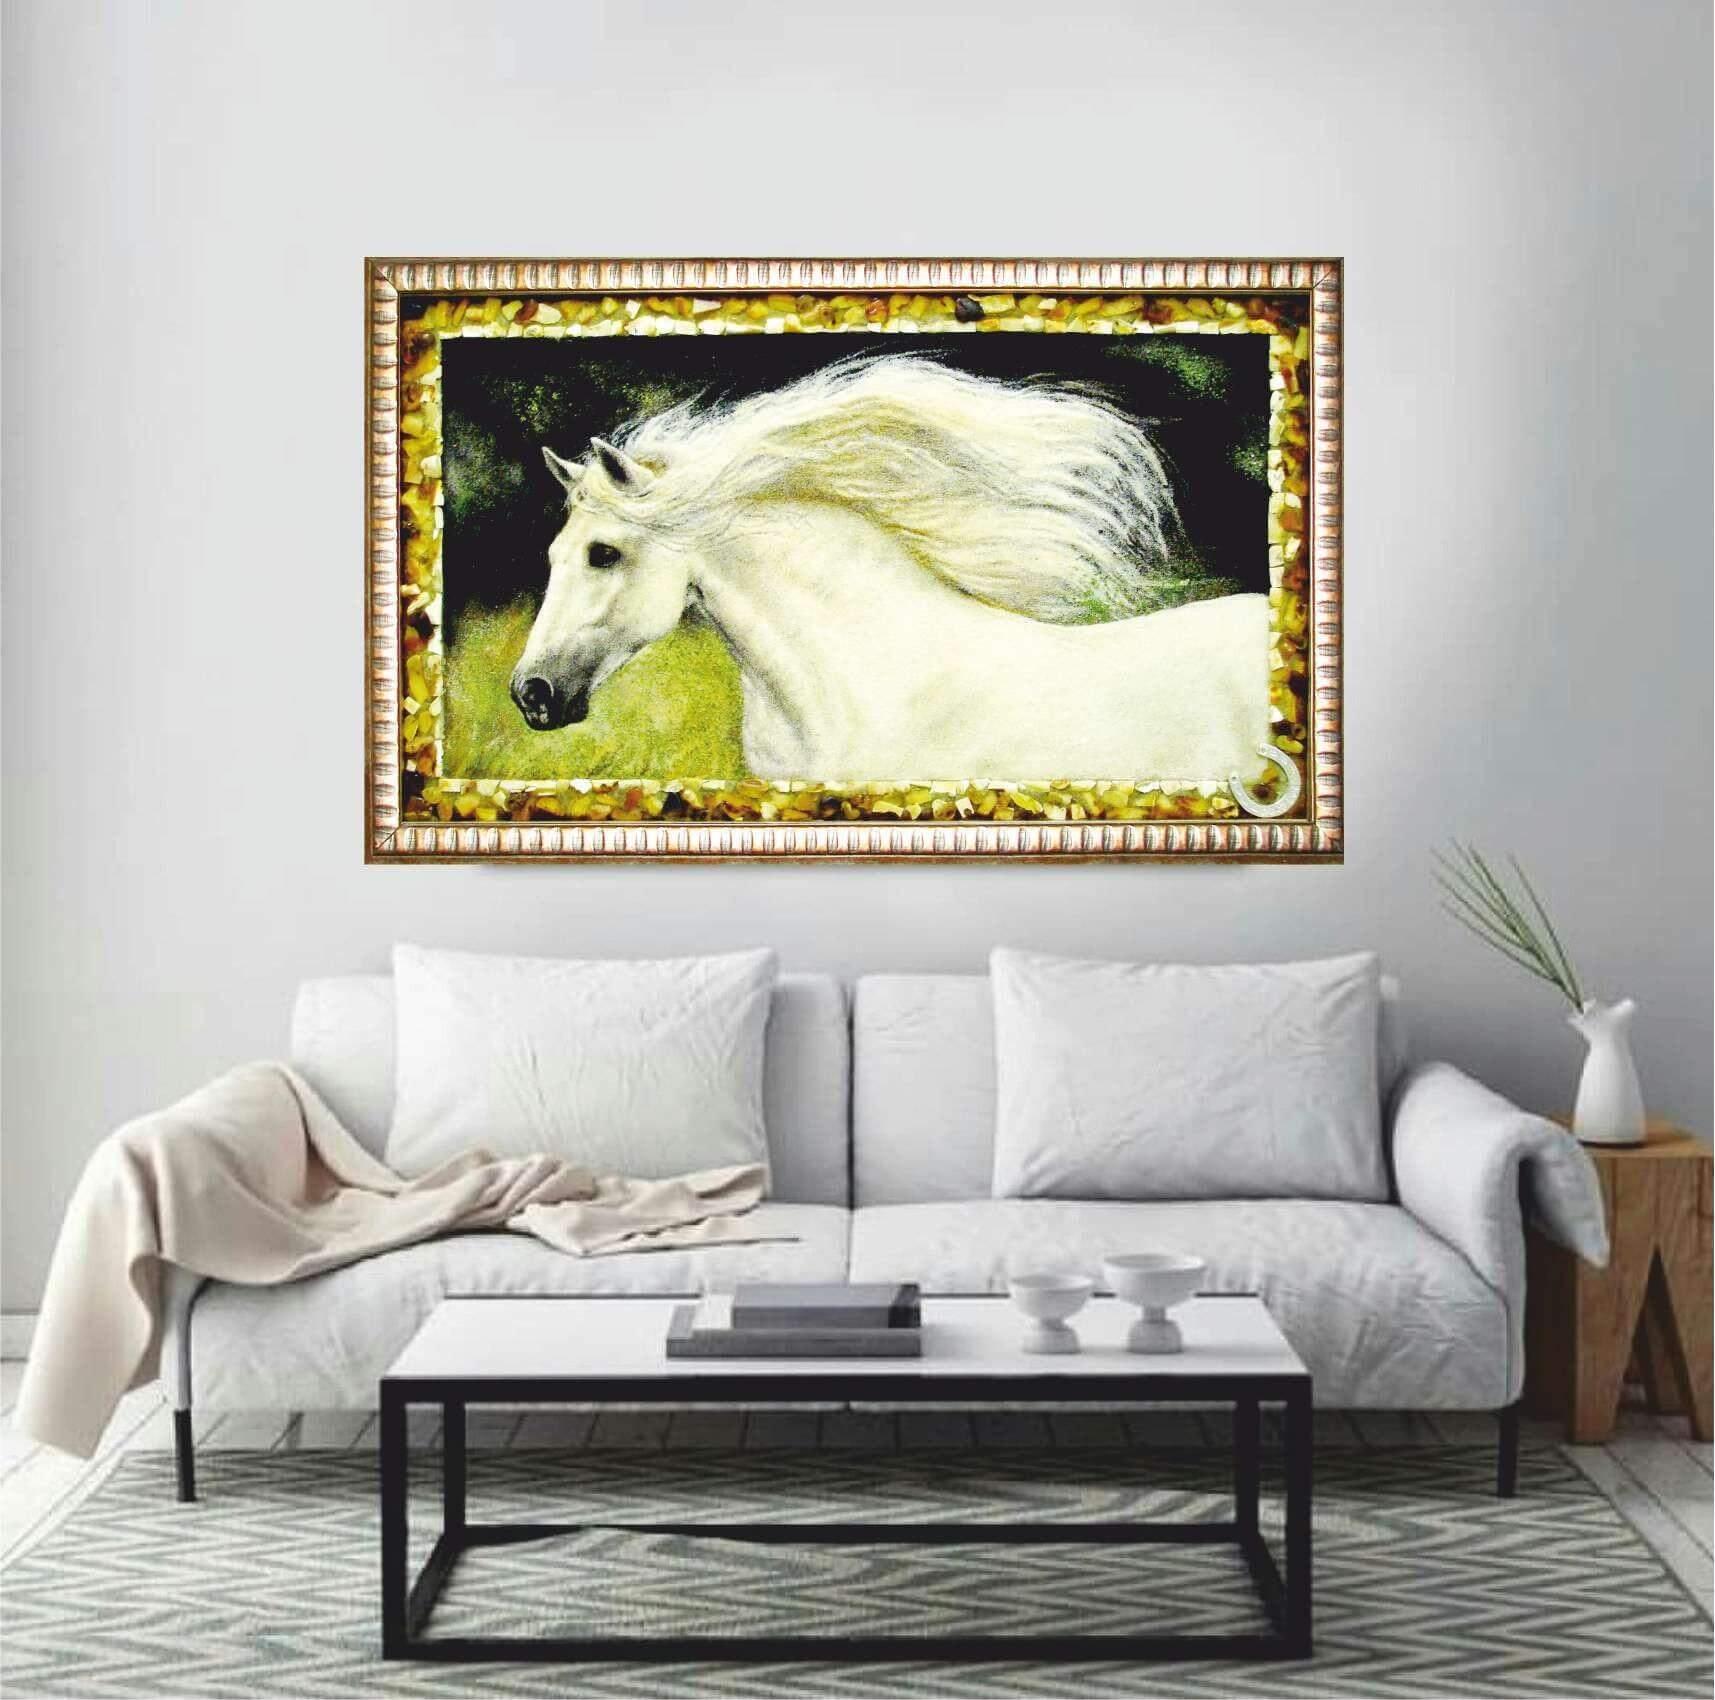 """картина из янтаря """"белый конь"""" в интерьере"""